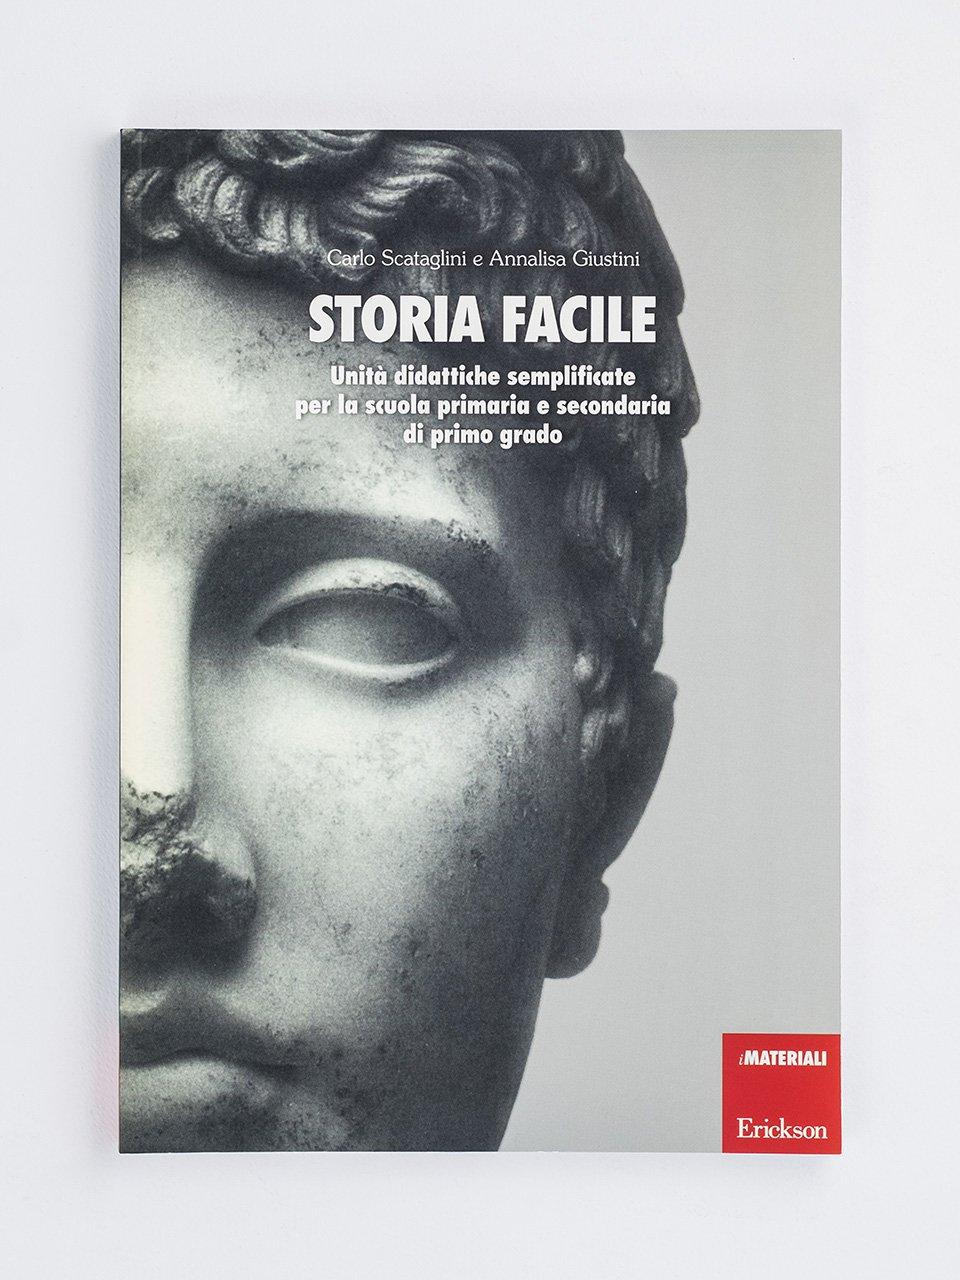 Storia facile - Storia facile per la classe quinta - Libri - App e software - Erickson